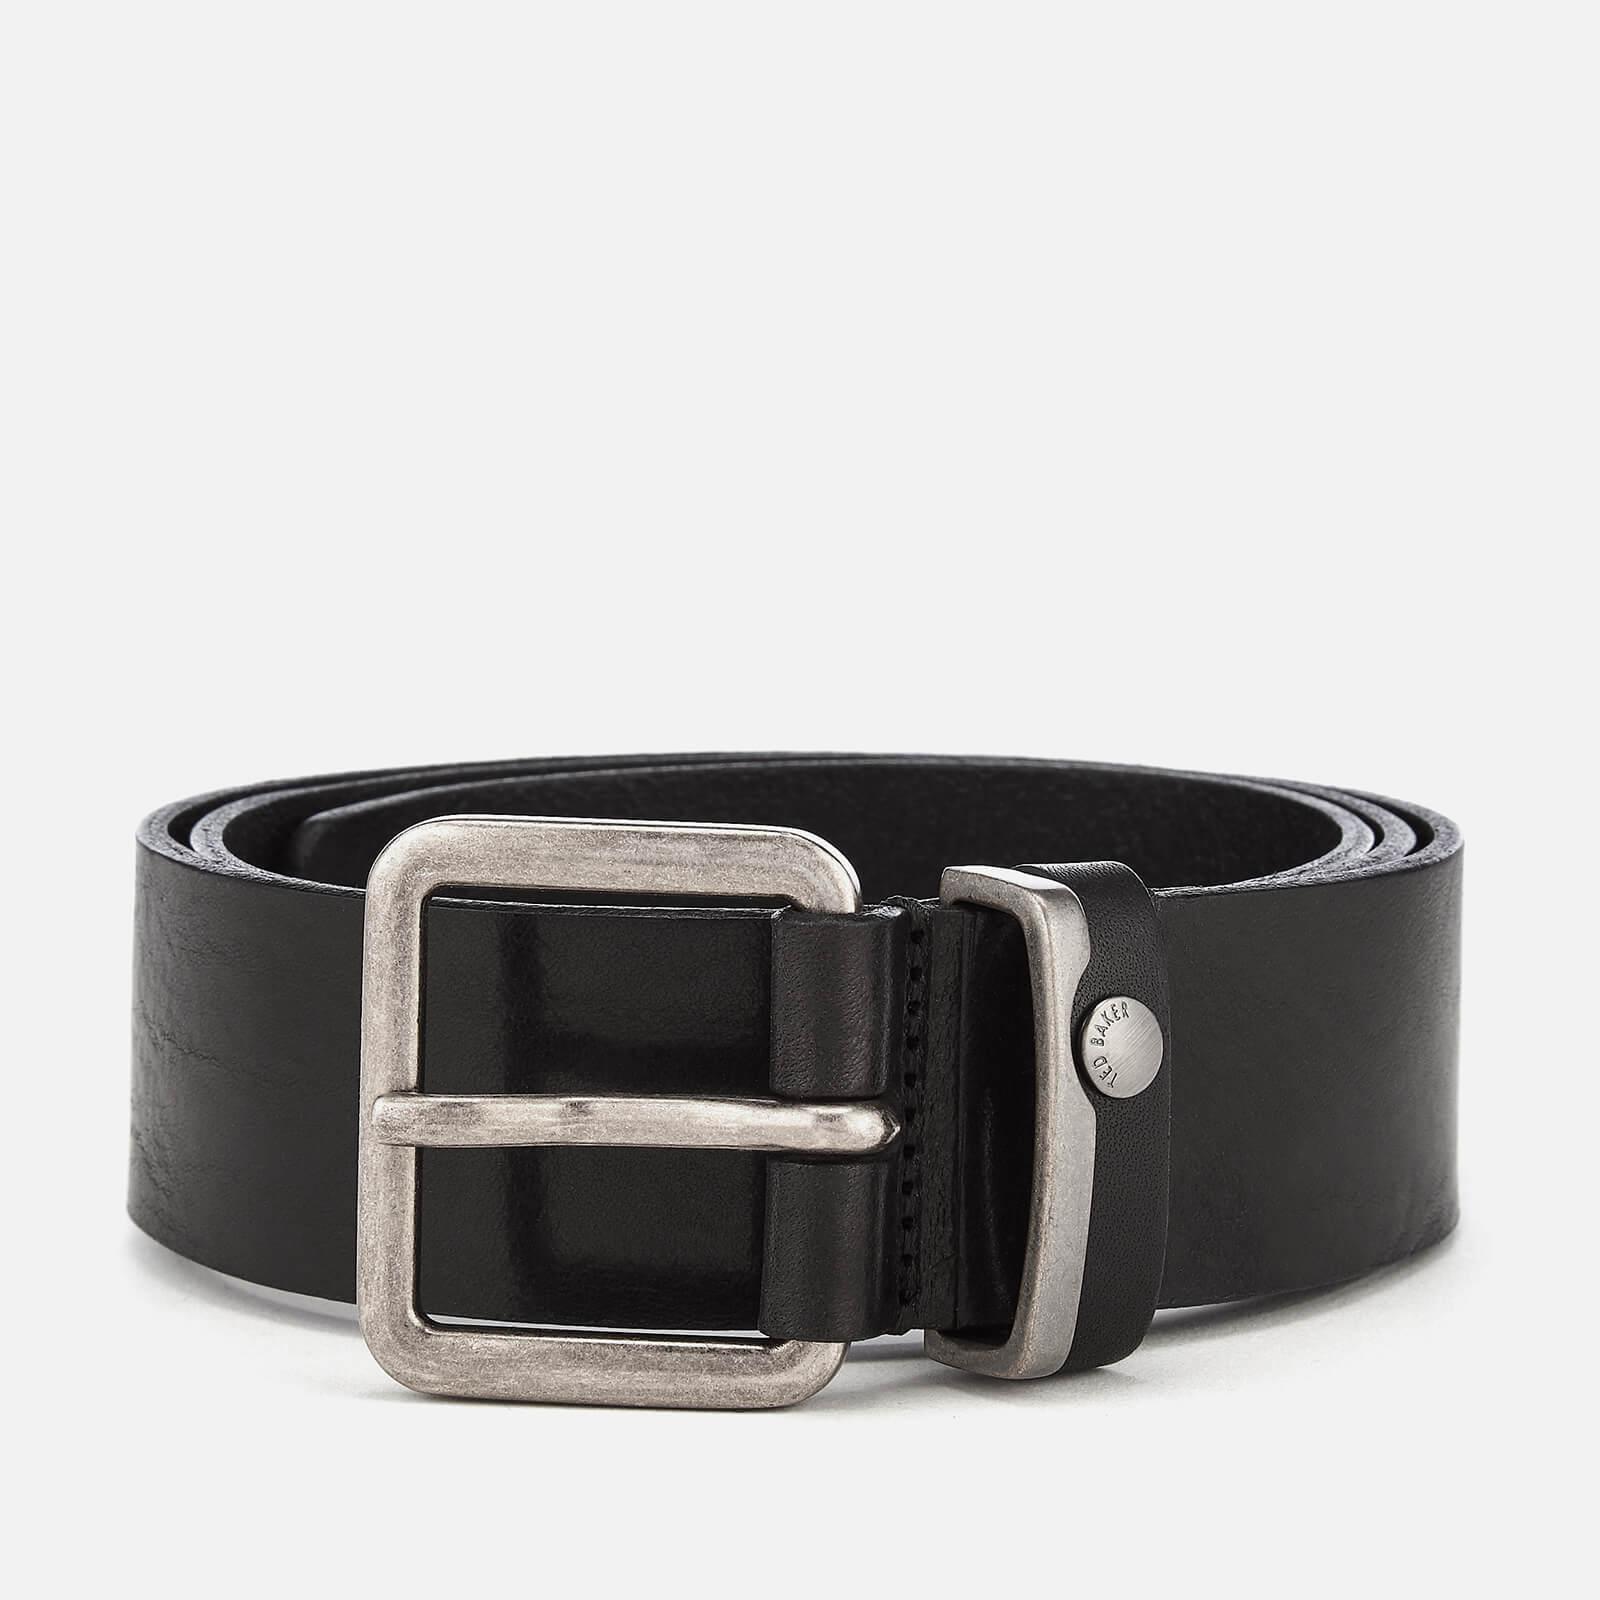 Ted Baker Men's Katchup Leather Belt - Black - W32 - Black